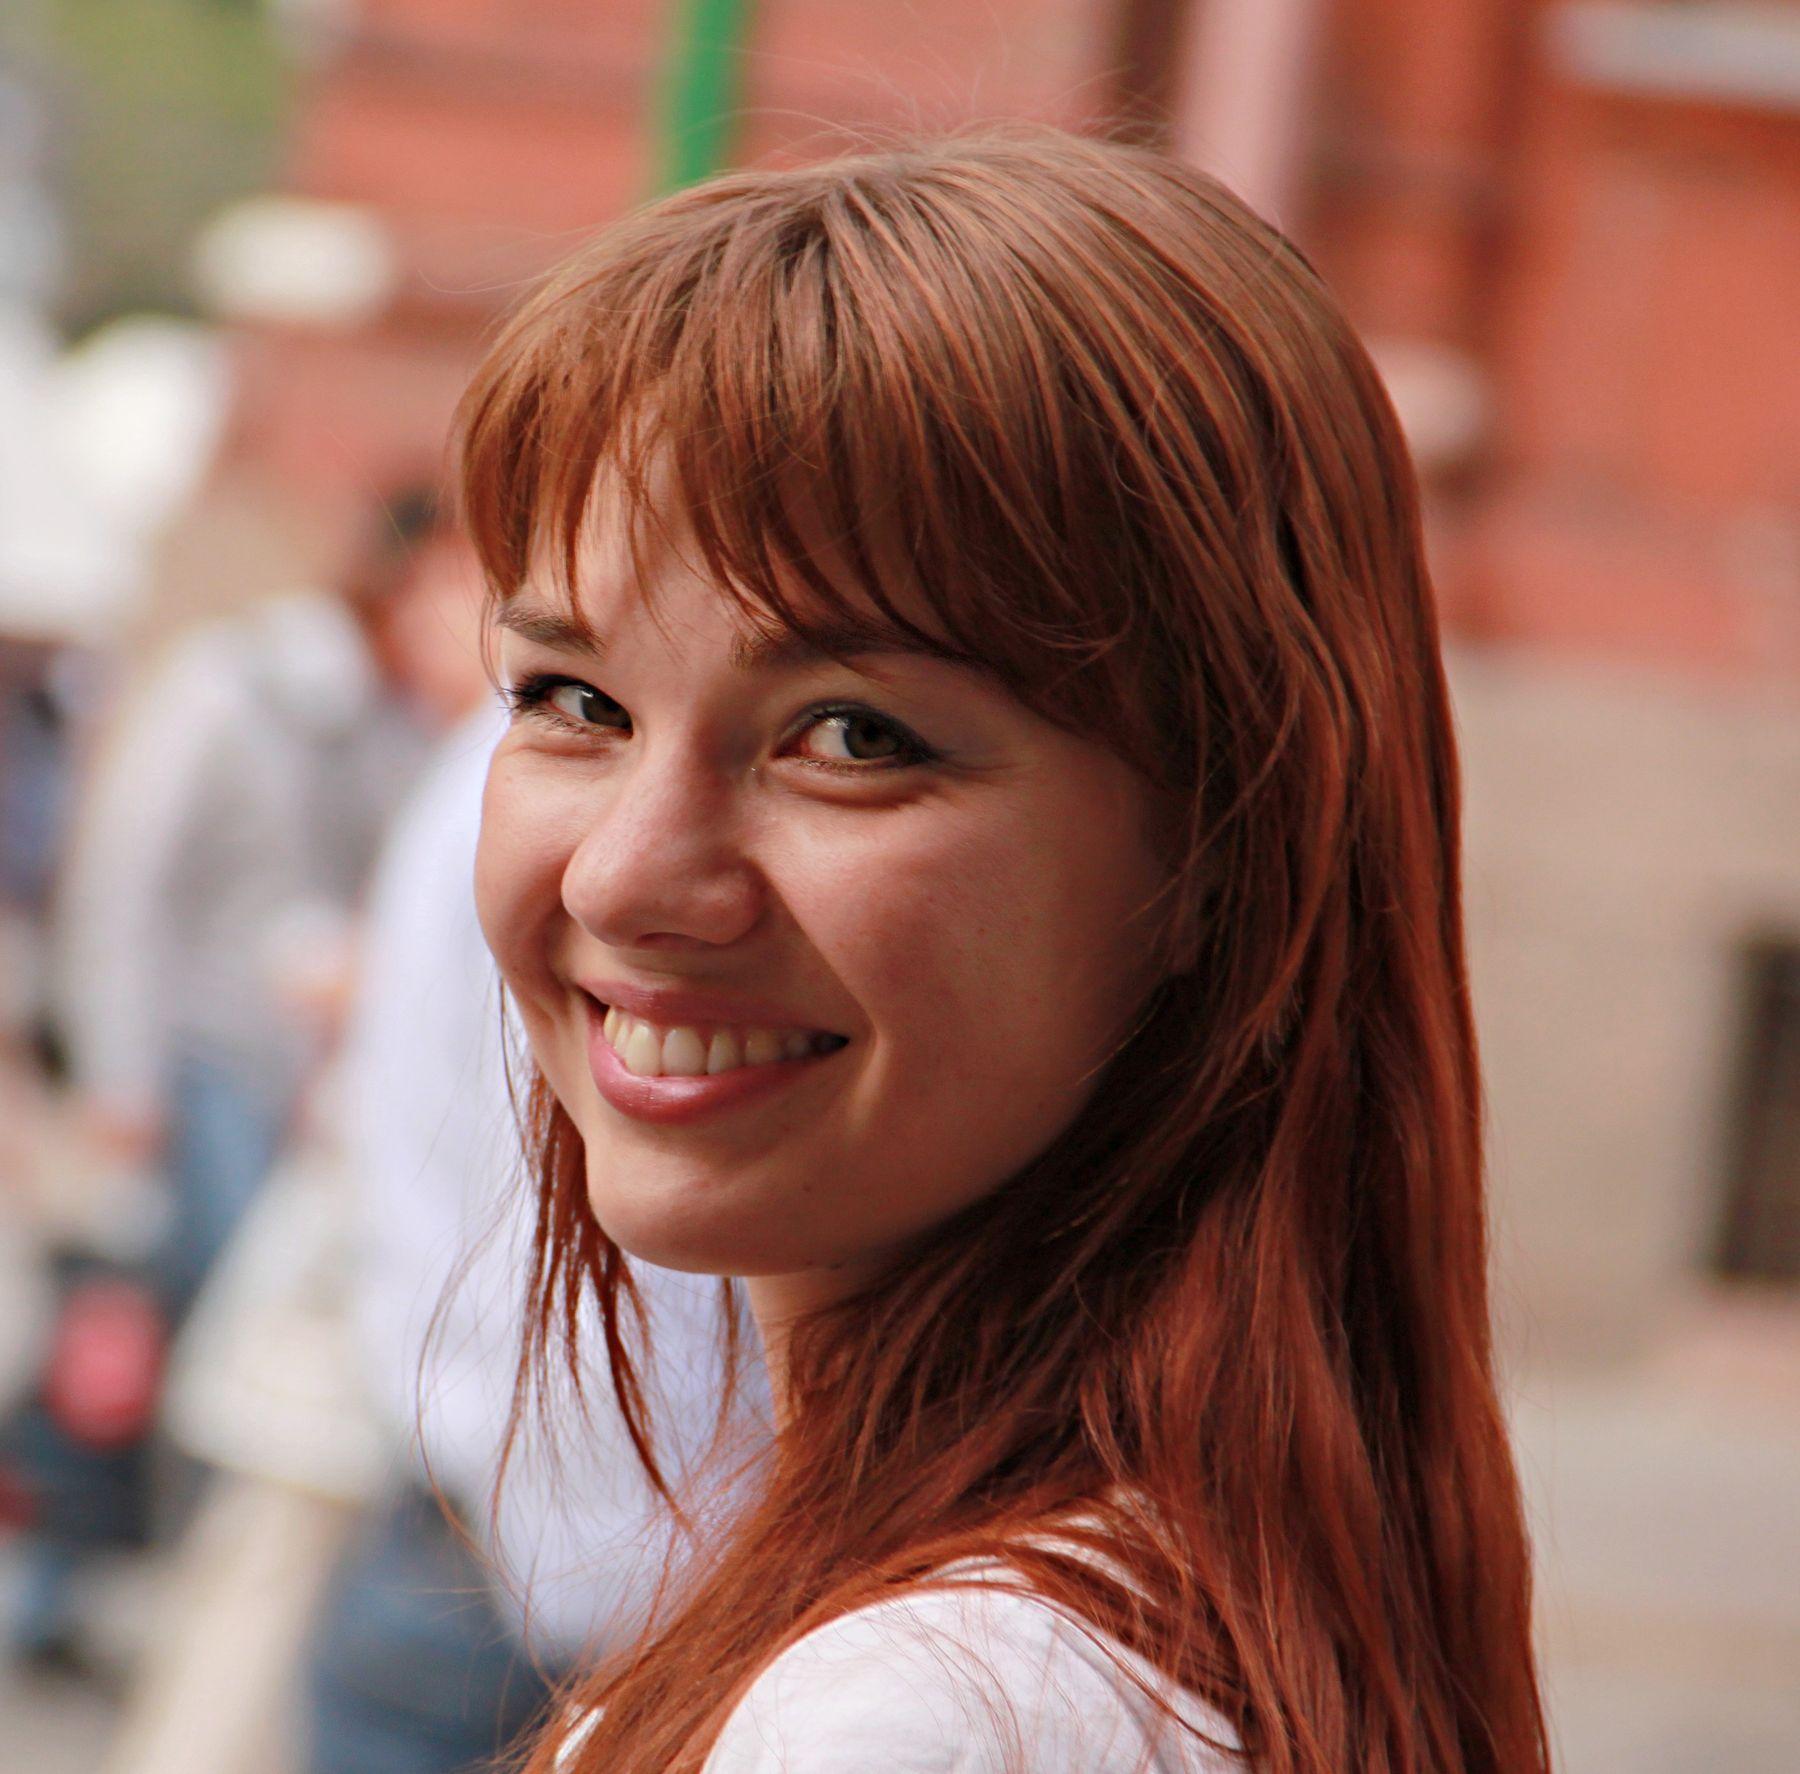 Улыбка люди лица город прохожие уличный портрет стрит девушки